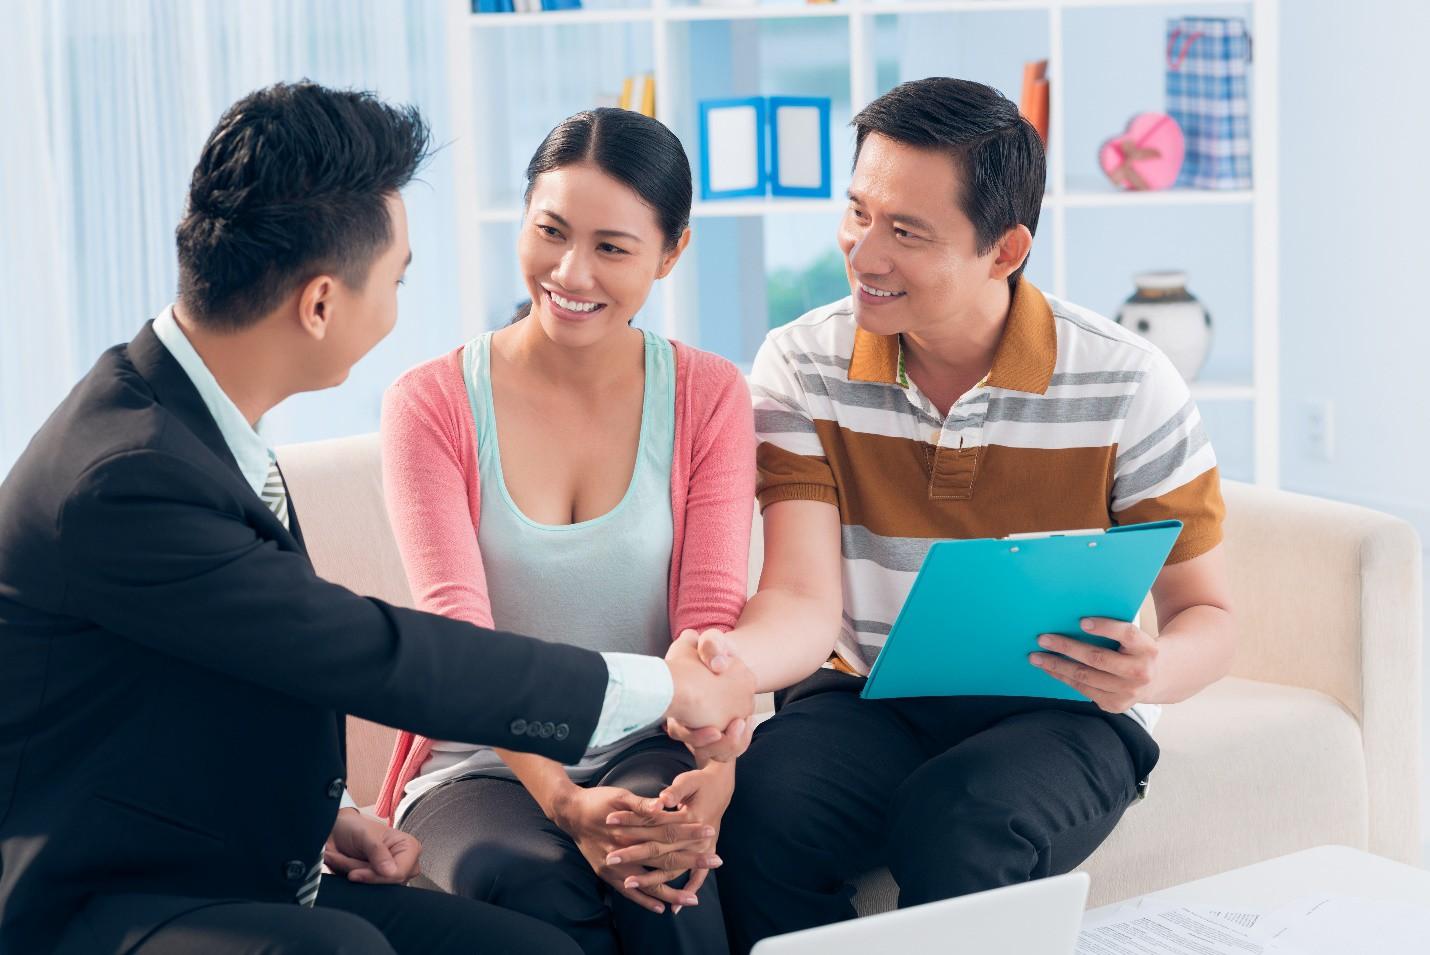 Lộ trình vàng cho người trẻ muốn trở thành chủ doanh nghiệp - Ảnh 2.